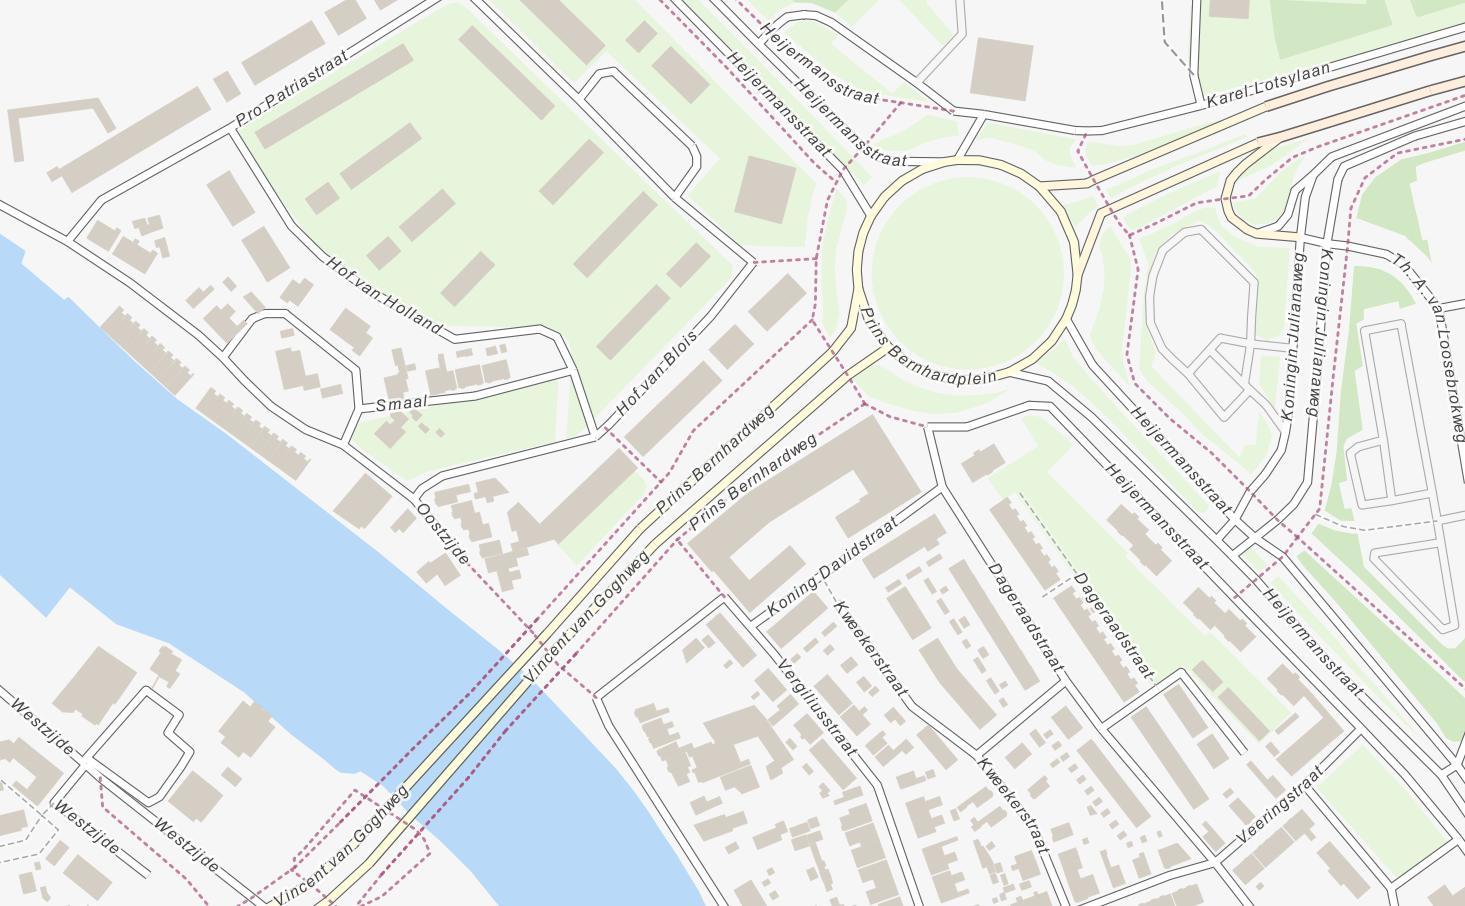 Eenvoudige weergave van stratenplan met stedelijke bebouwing.